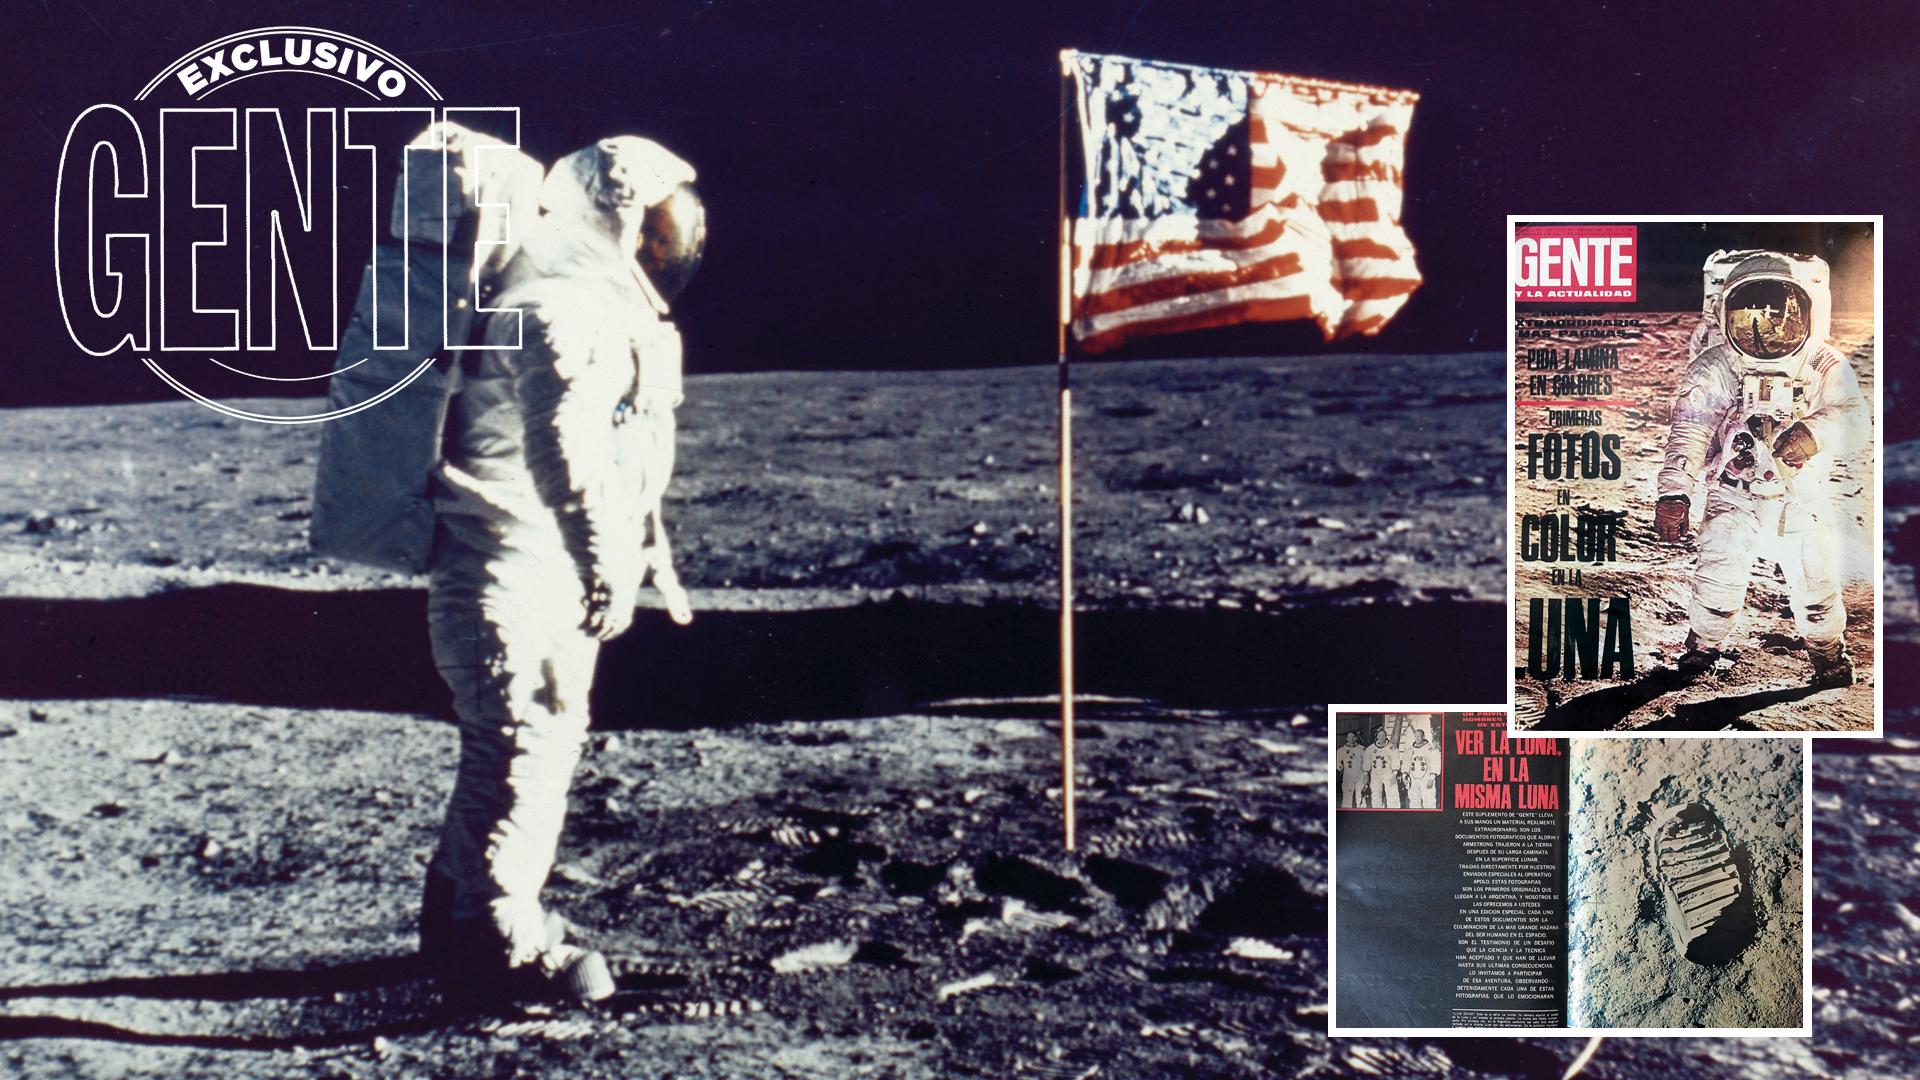 """""""Es la vista de una magnífica desolación"""", dice Armstrong minutos antes de clavar la bandera estadounidense. Junto a Aldrin (el que aparece en la imagen, saludándola, fotografiado por Neil), venía de consumar las primeras observaciones sobre el suelo selenita. La misión del Apolo 11 acaba de cumplir su objetivo central: que un ser humano camine sobre la superficie lunar."""